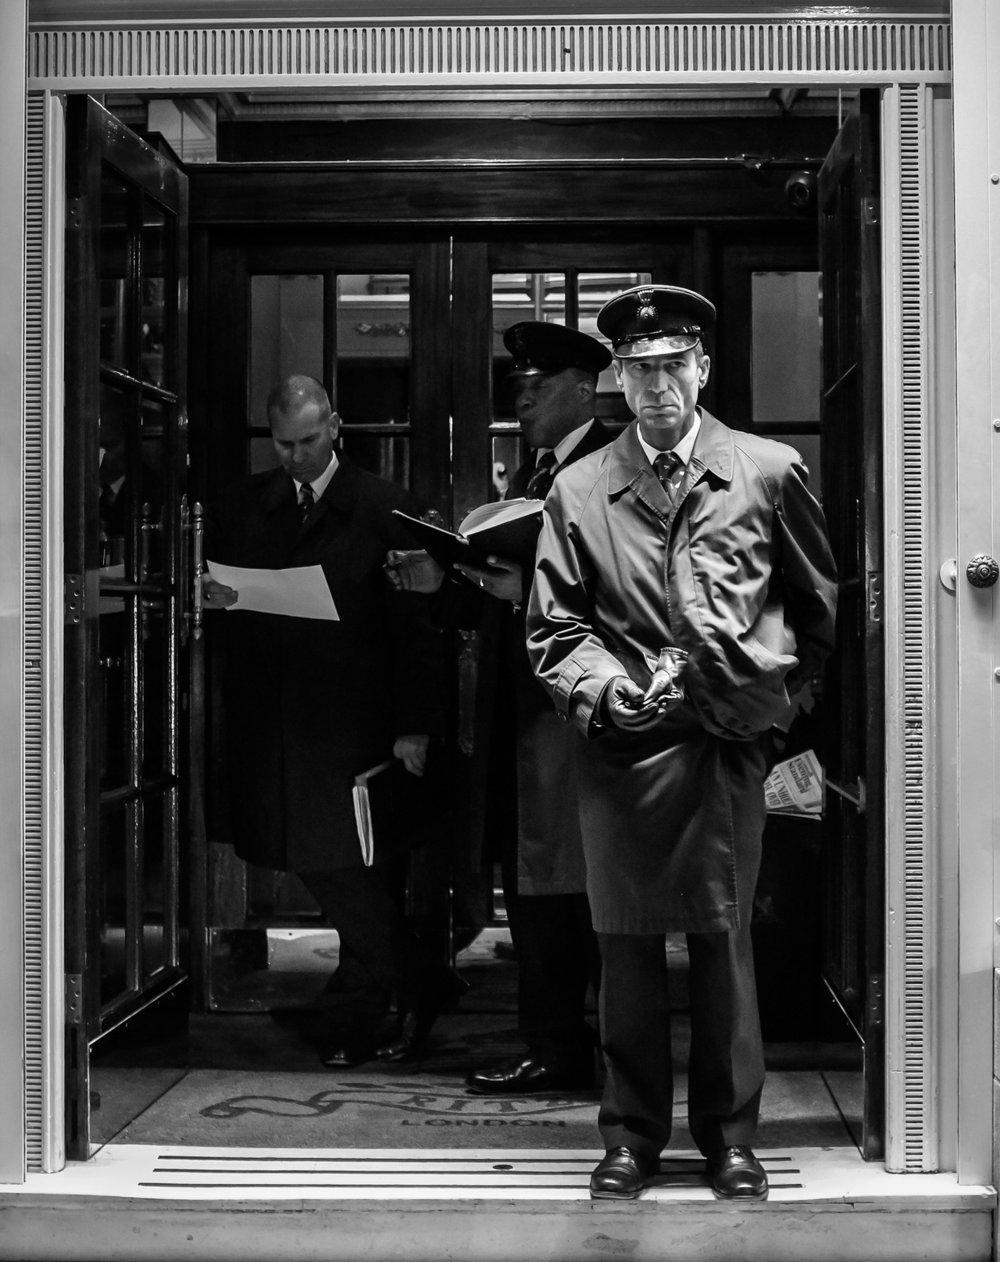 334 - The Doorman